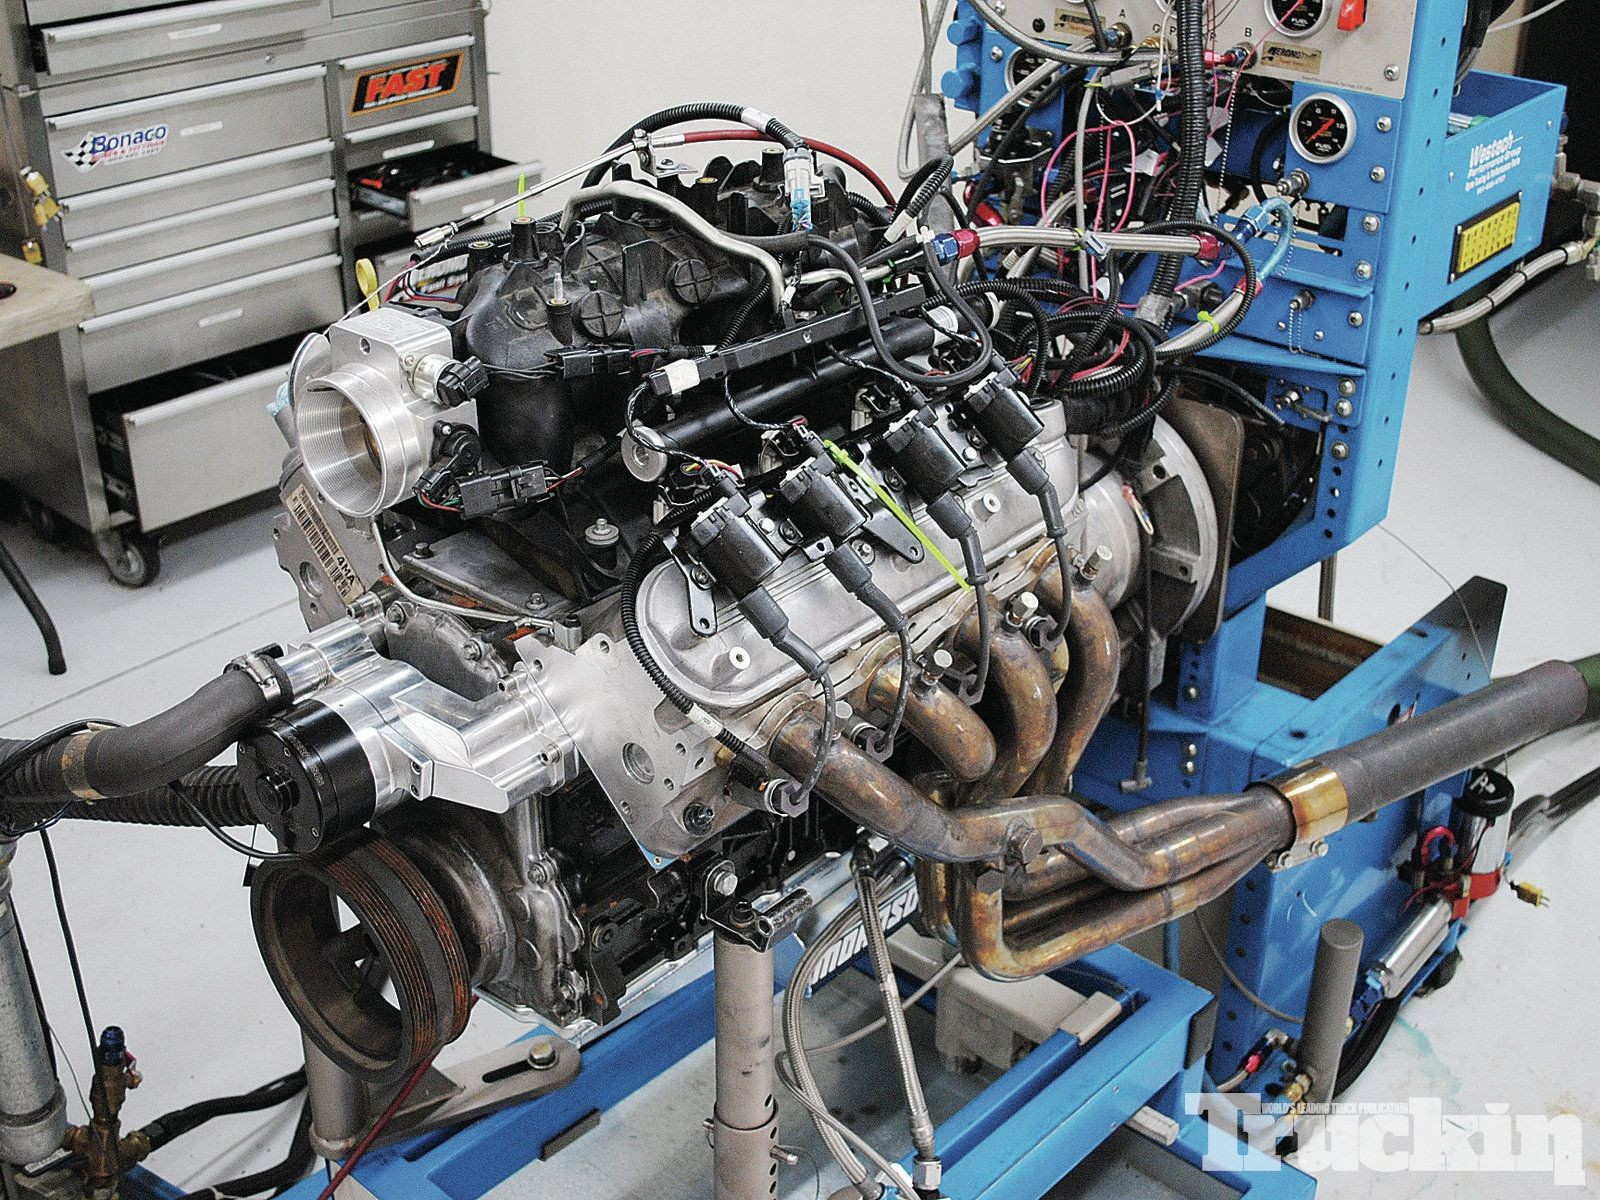 4 3 liter v6 vortec engine diagram 2 5 7 vortec wiring diagram 4 3l rh detoxicrecenze com Chevy 5.3 Engine Ford 3.5 Liter Engine